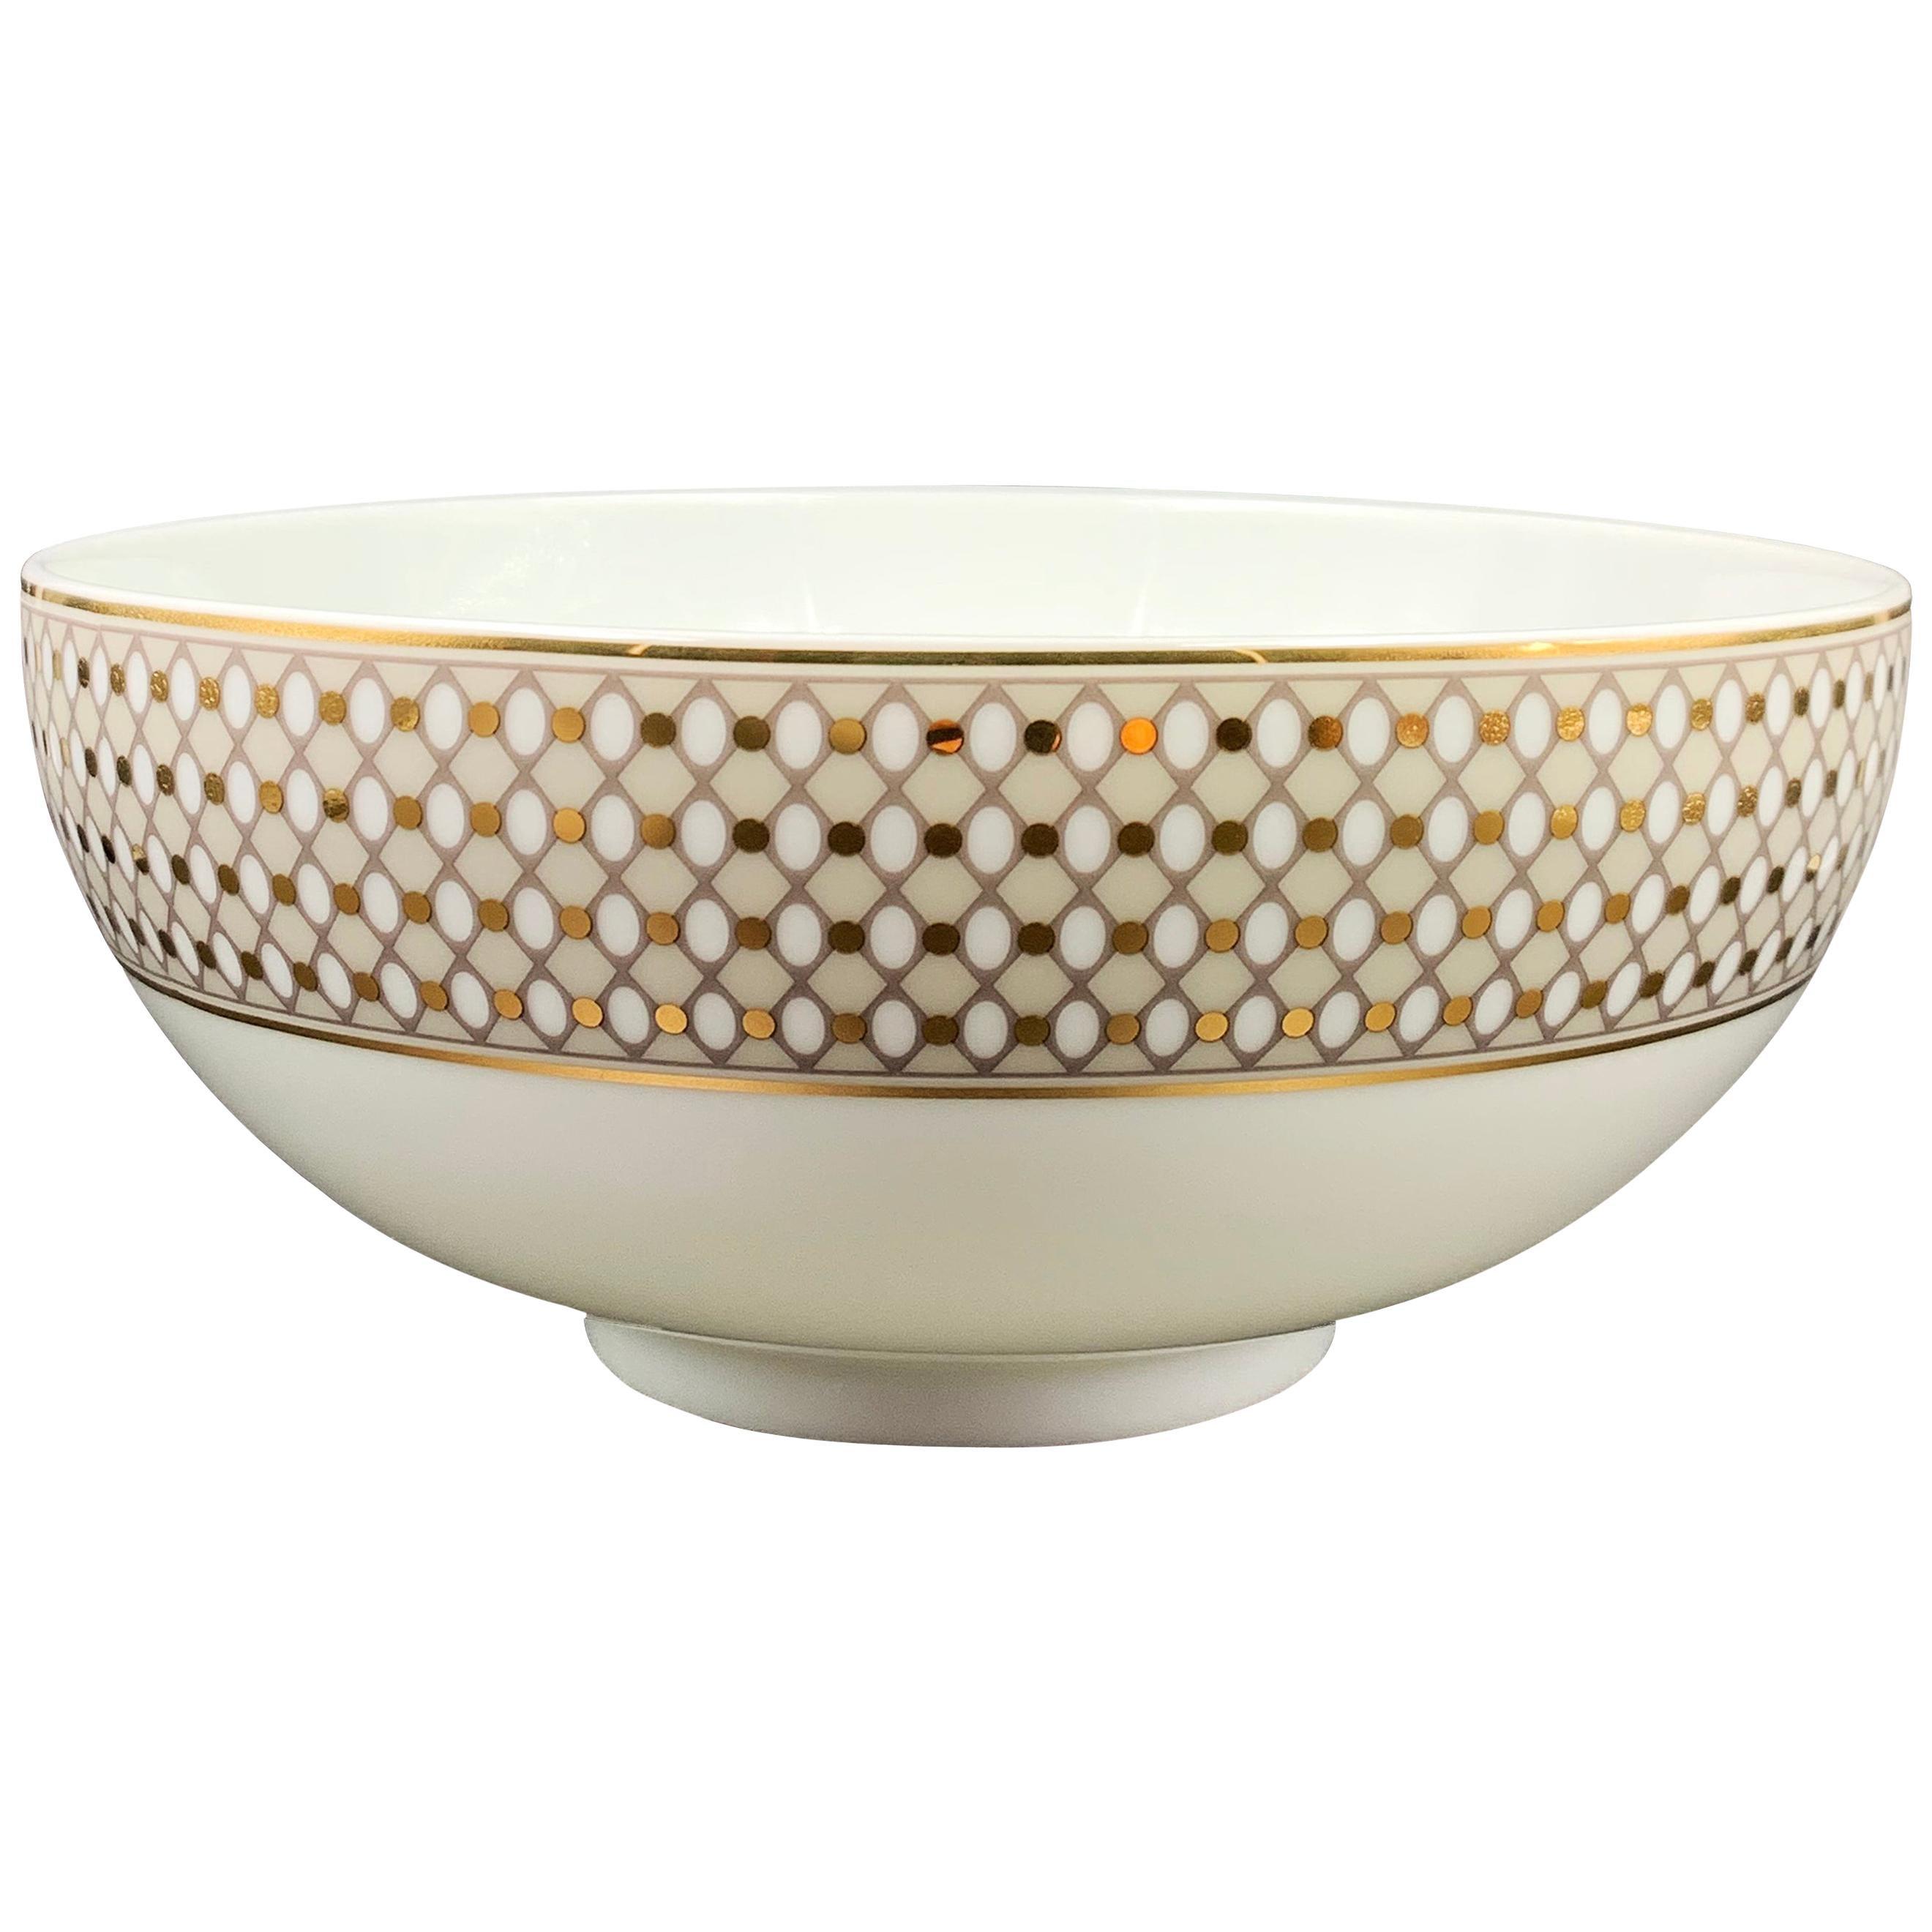 Set of 2 Noodle Salad Bowl Modern Vintage André Fu Living Tableware New